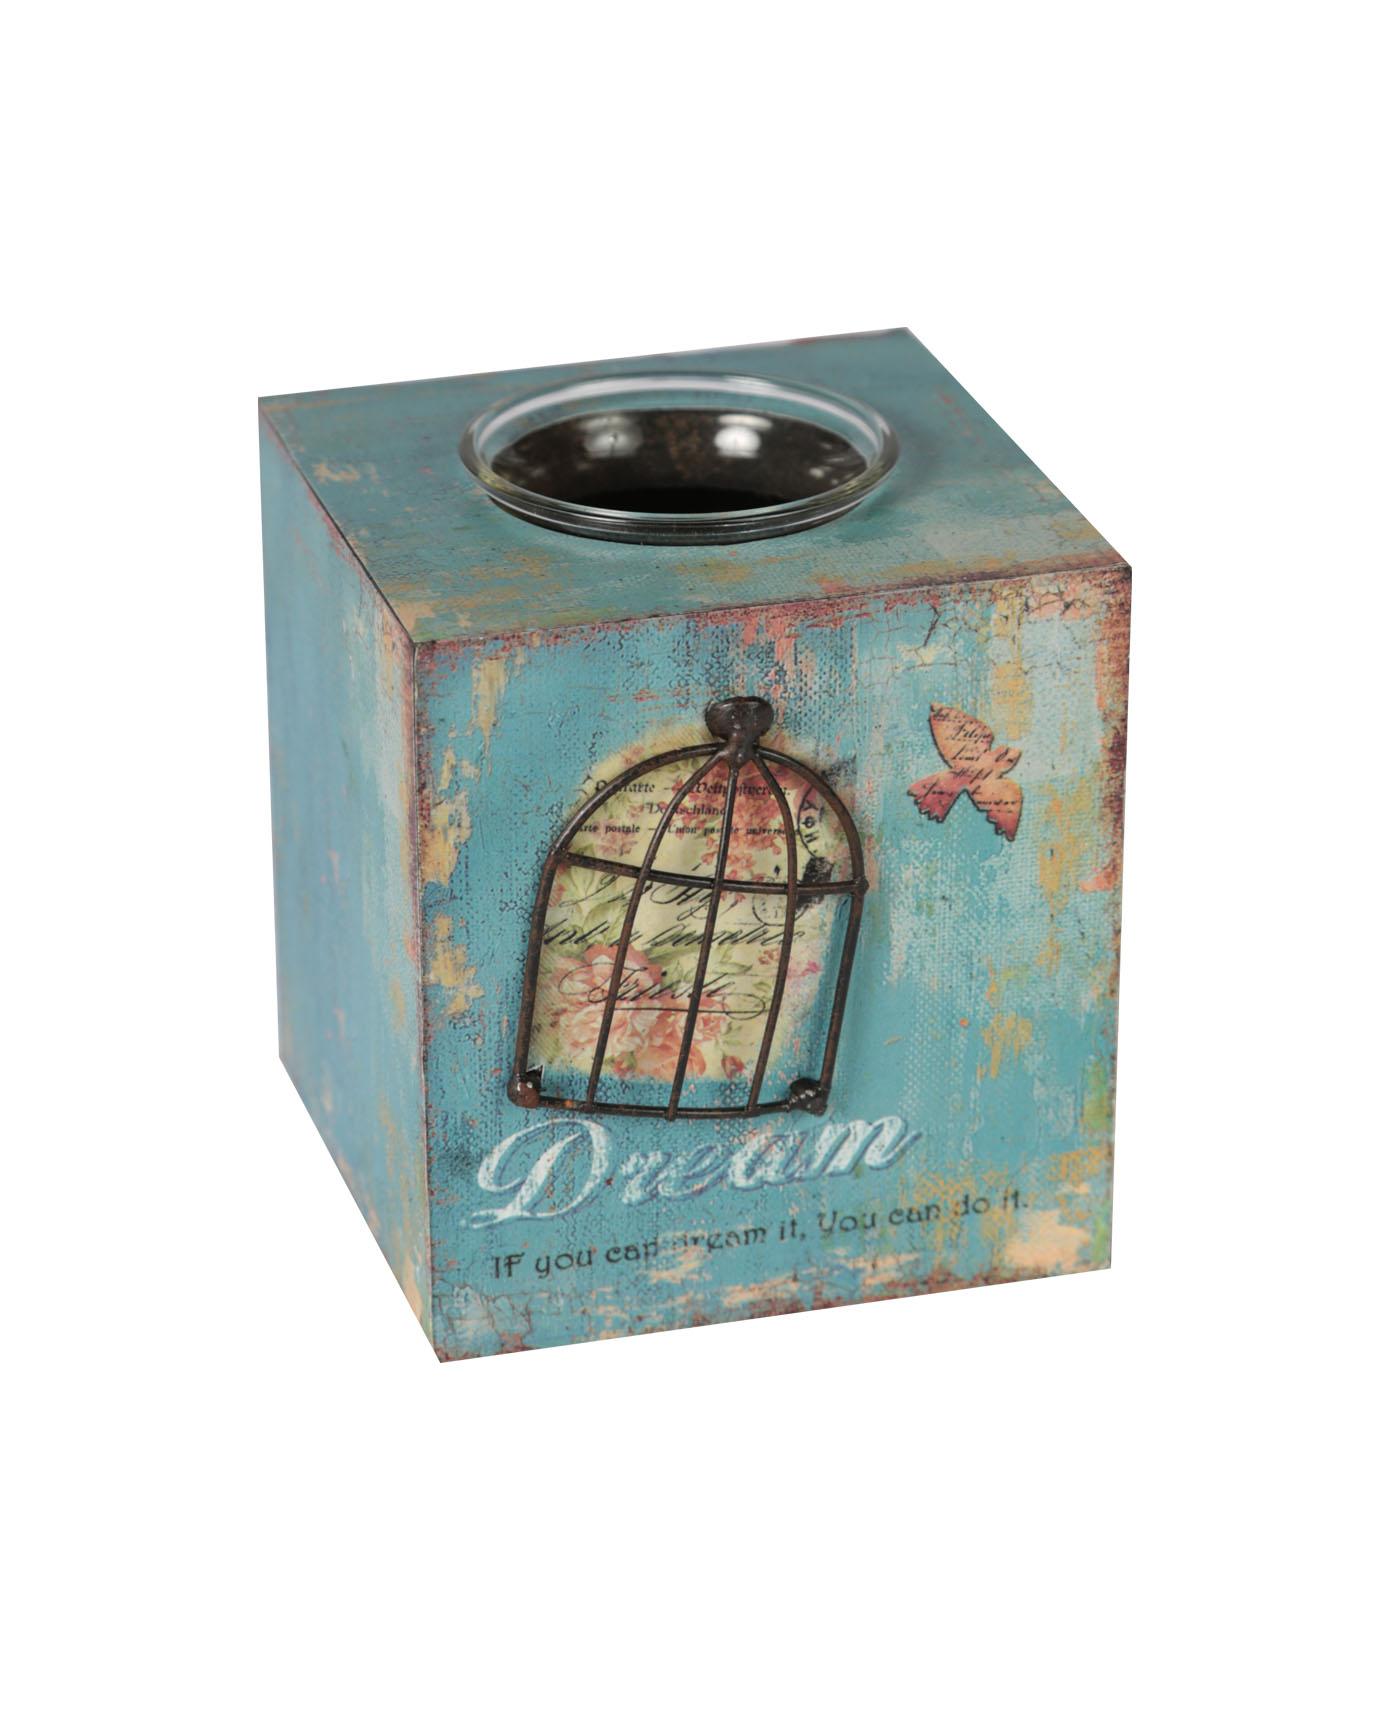 Бокс для хранения ПатэнЕмкости для хранения<br>Патэн - это замечательный аксессуар во французском стиле, декорированный разноцветными красками и надписями. Бокс отлично подходит для хранения важных мелочей. Разместите бокс для хранения в прихожей или в любом другом помещении дома.<br><br>Material: Металл<br>Width см: 11<br>Depth см: 10<br>Height см: 12